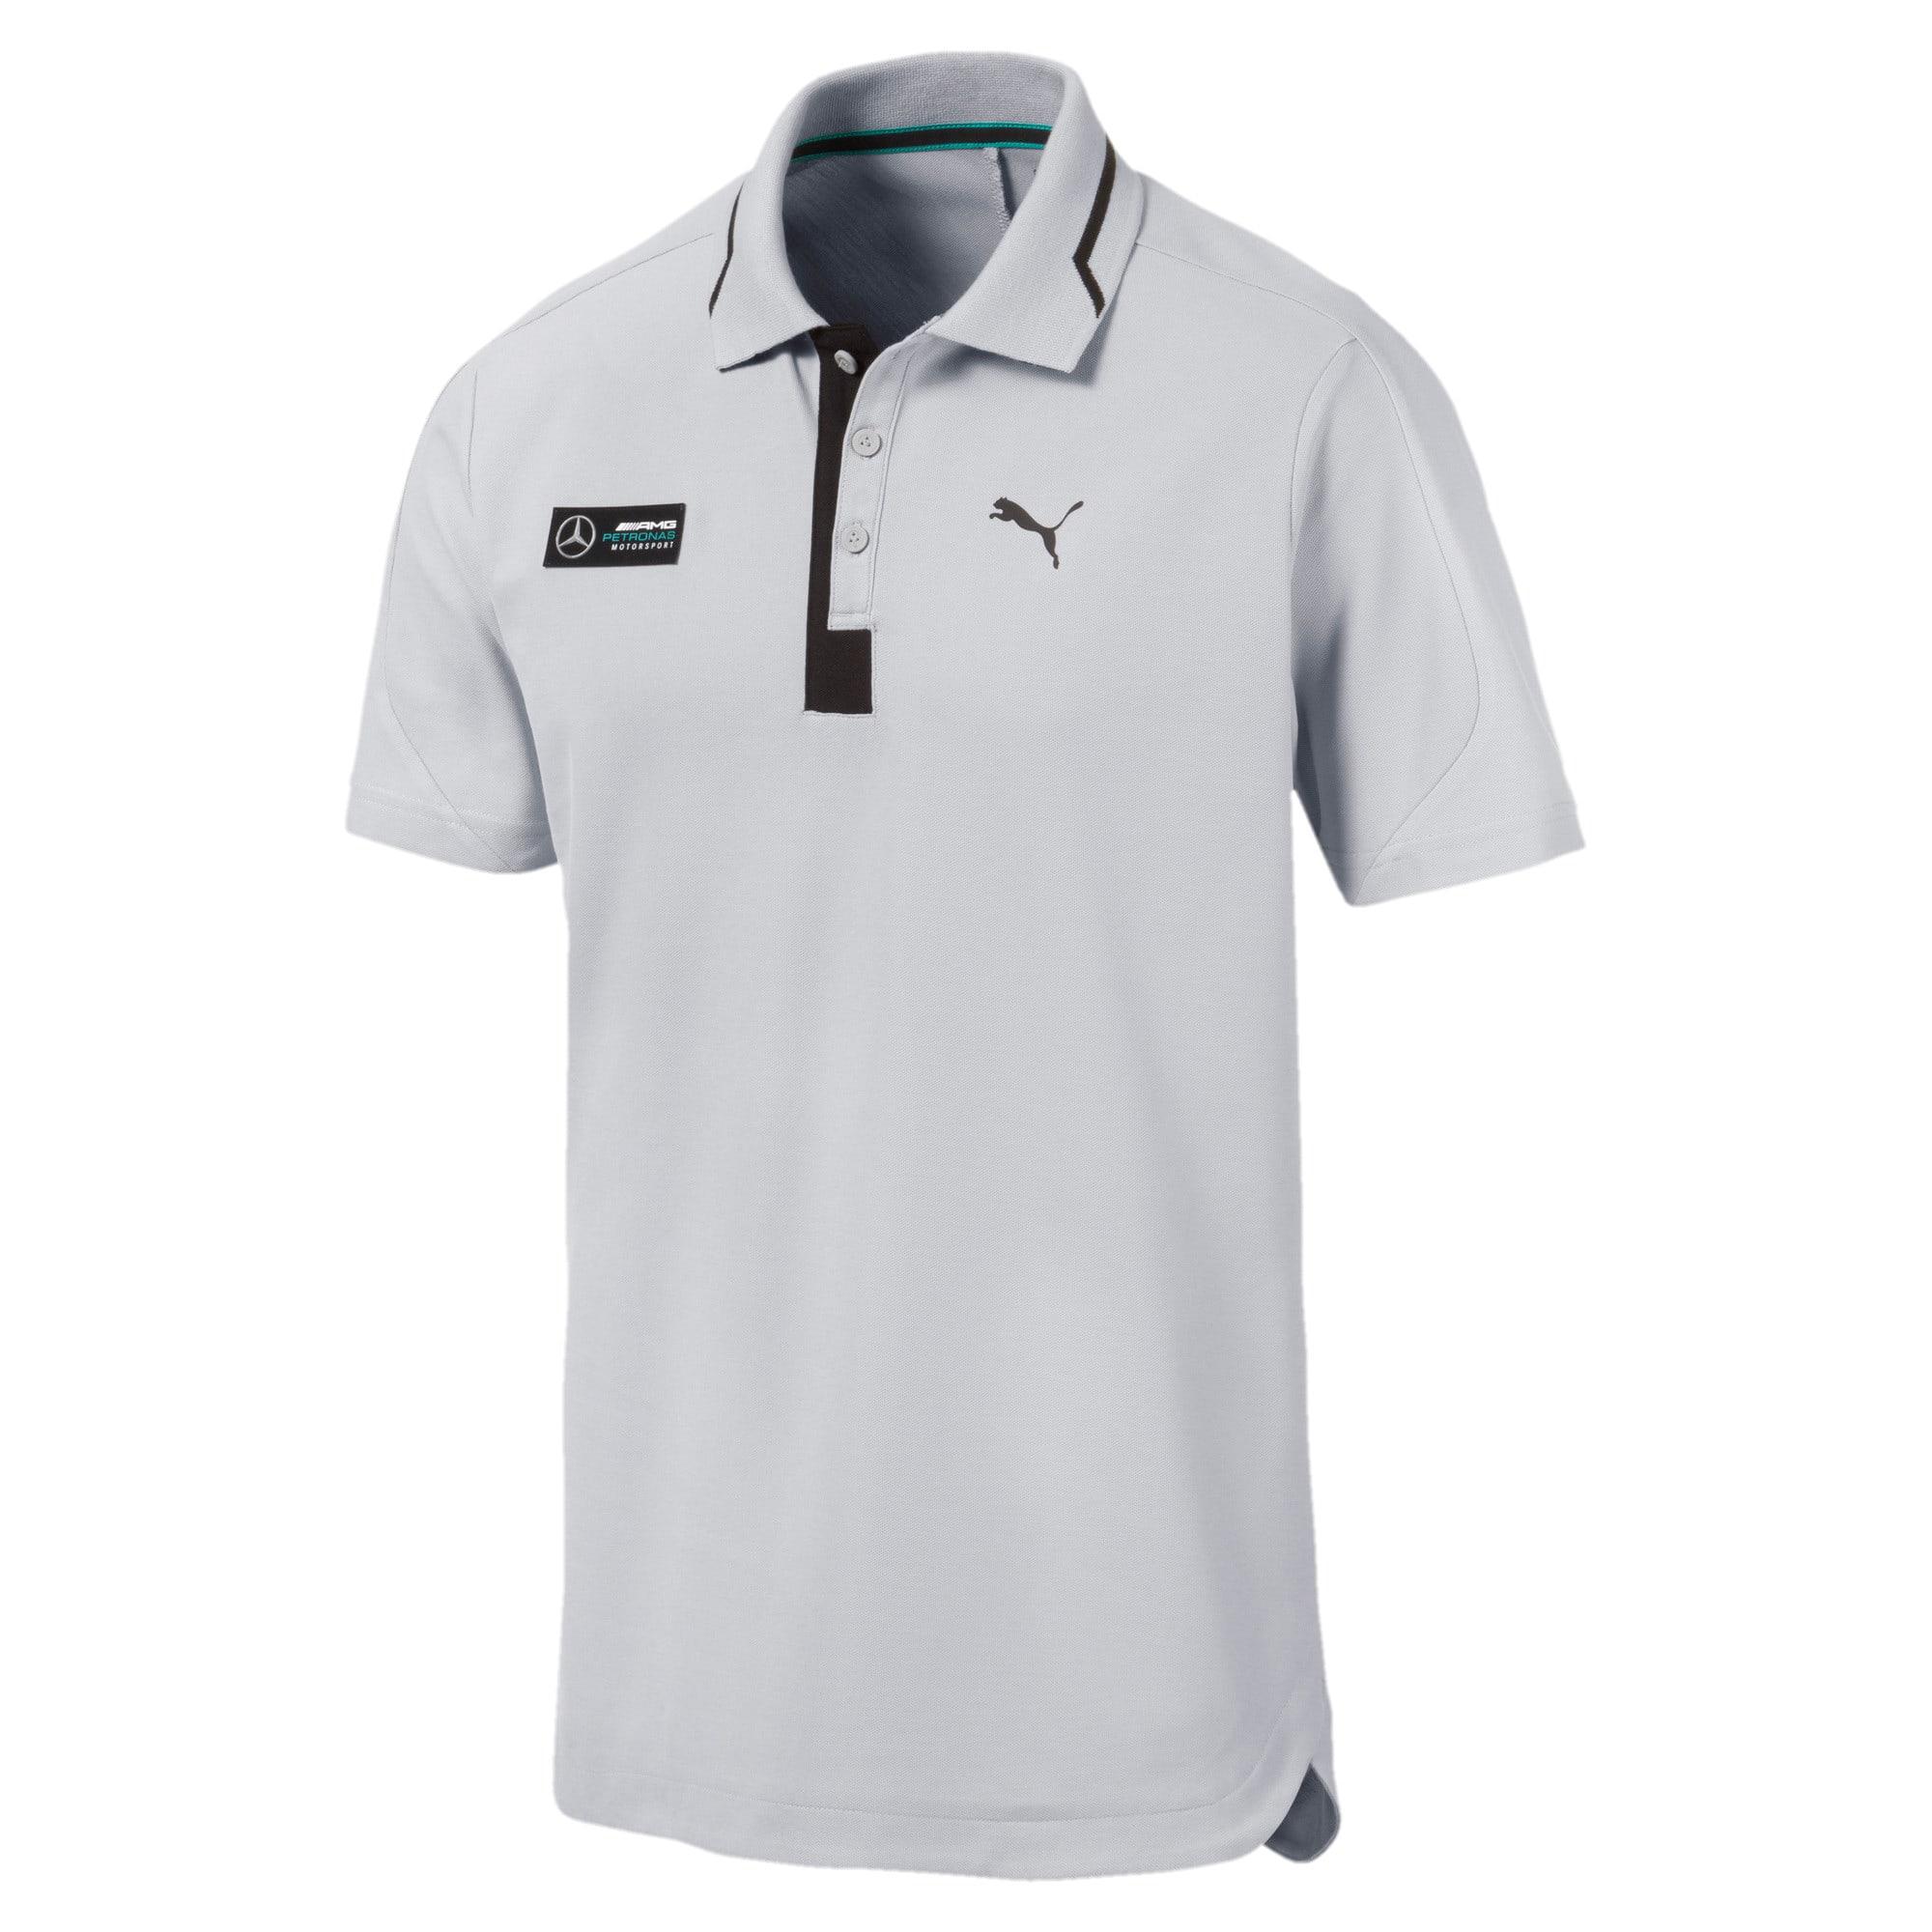 Miniatura 1 de Camiseta tipo polo Mercedes AMG Petronaspara hombre, Mercedes Team Silver, mediano